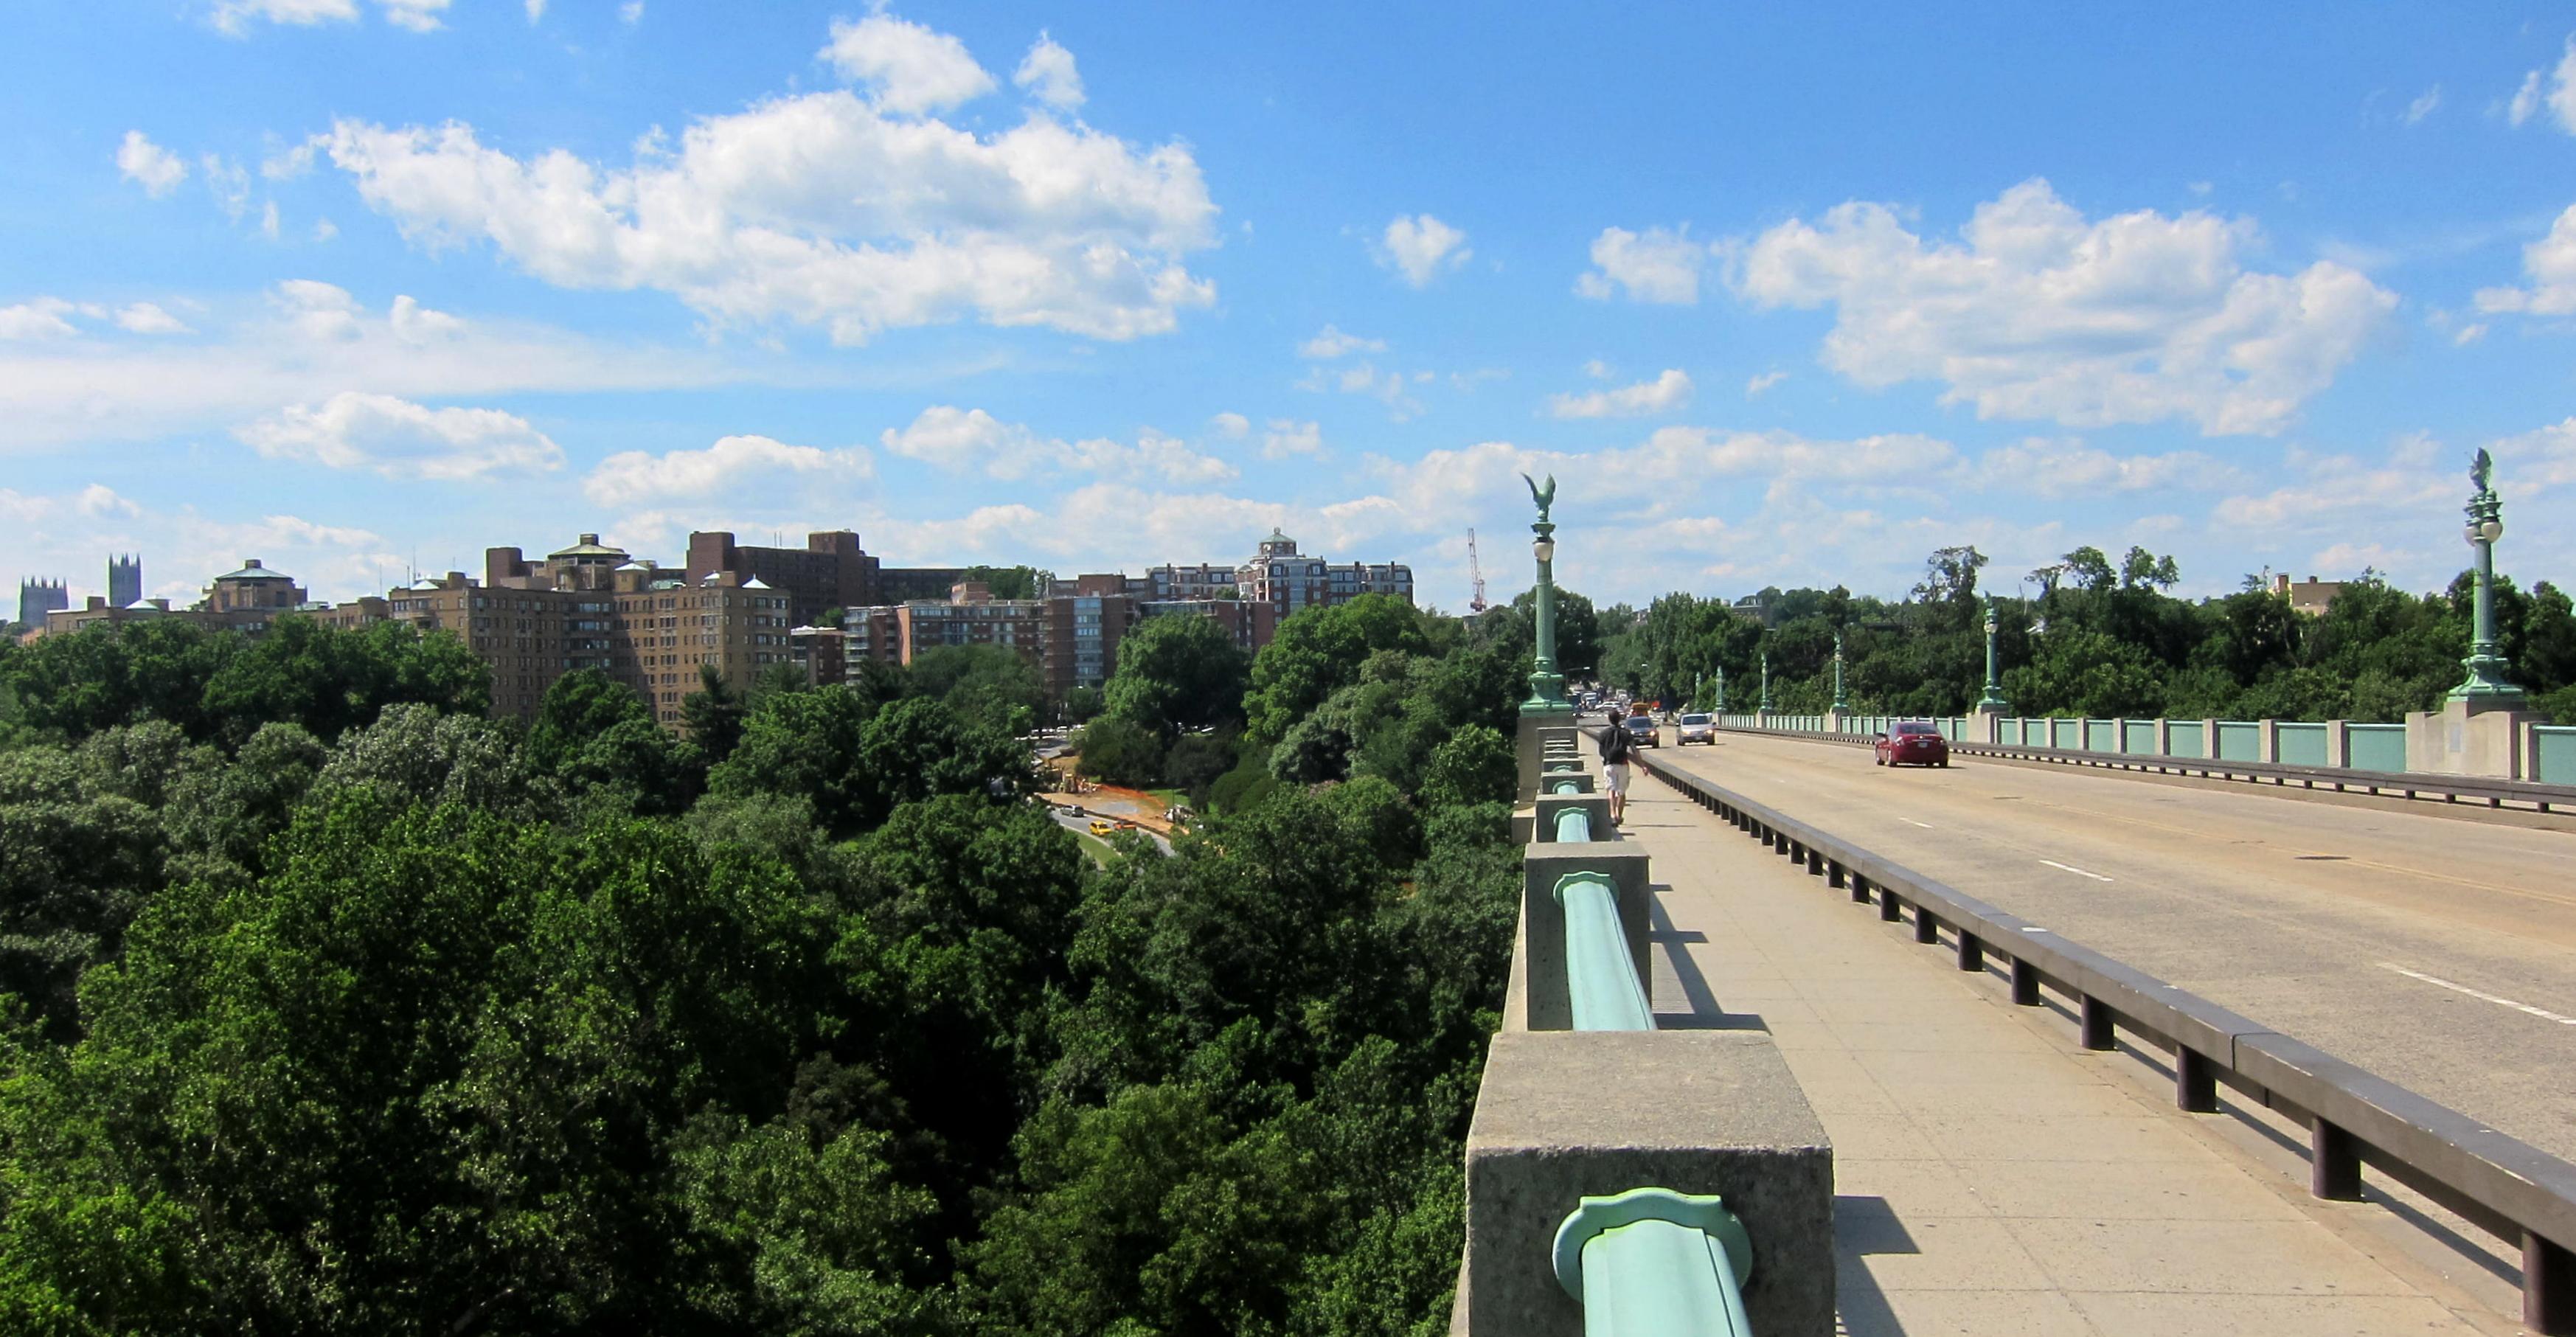 Taft_Bridge_-_Woodley_Park_skyline